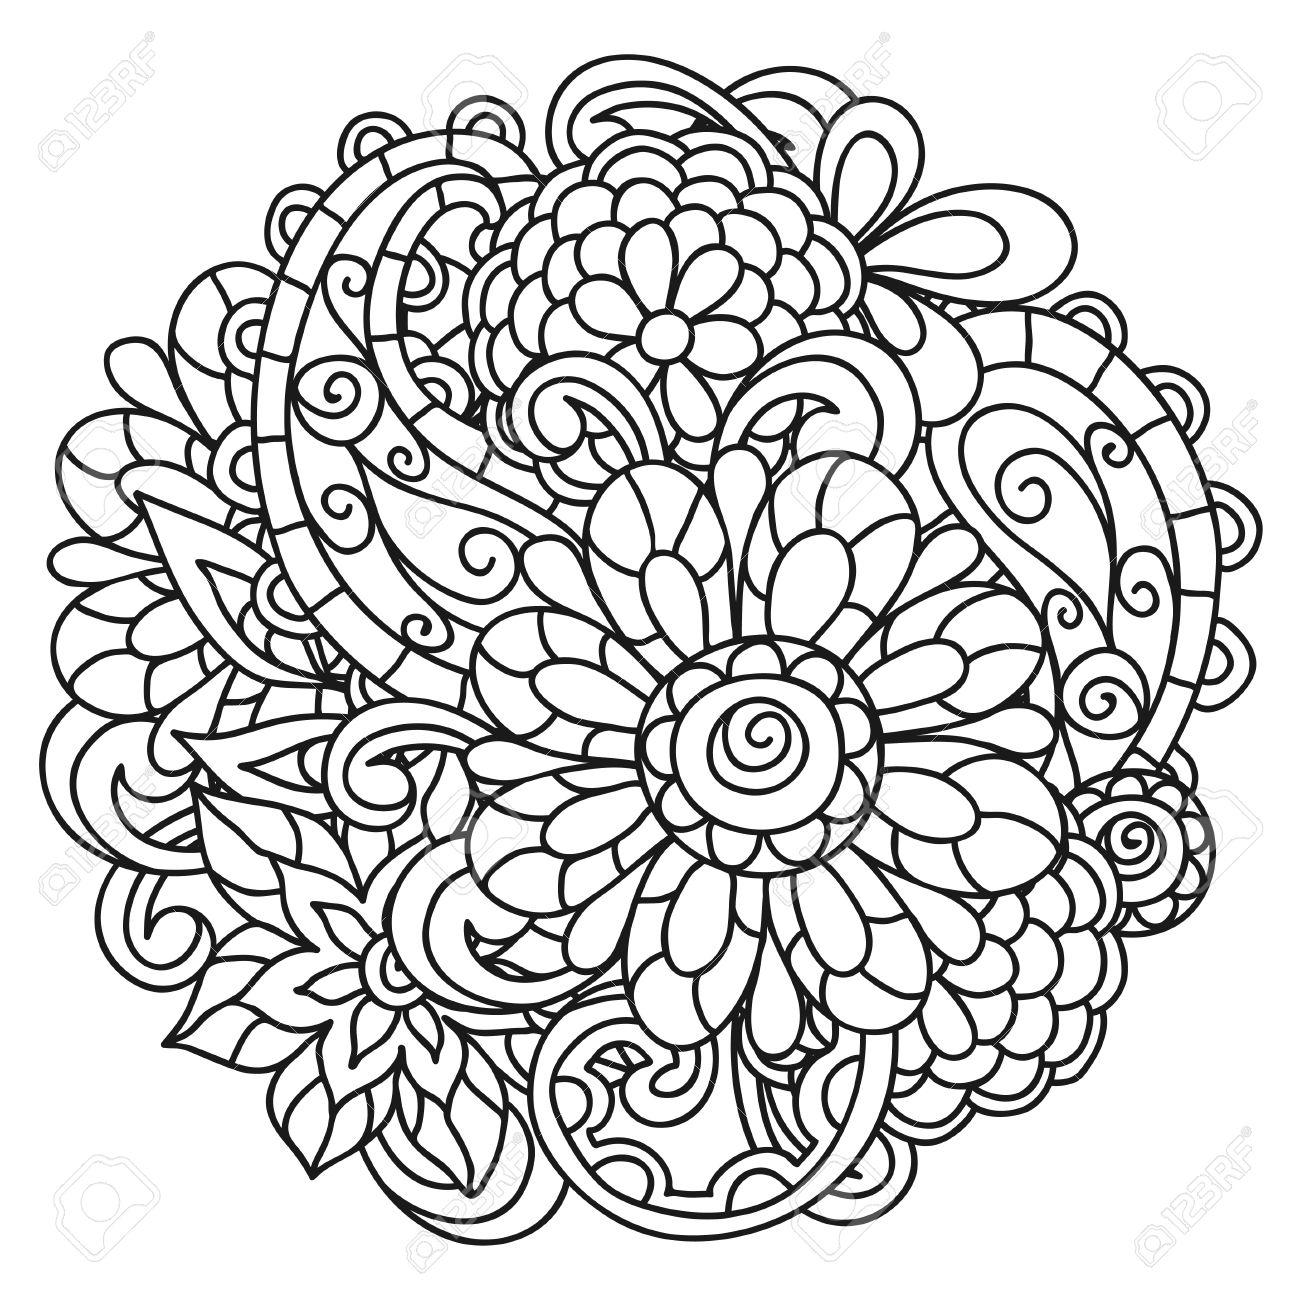 Arriere Plan Avec Des Fleurs En Ligne Pour Adultes Impression Coloriage Et De Dessin Clip Art Libres De Droits Vecteurs Et Illustration Image 50663549